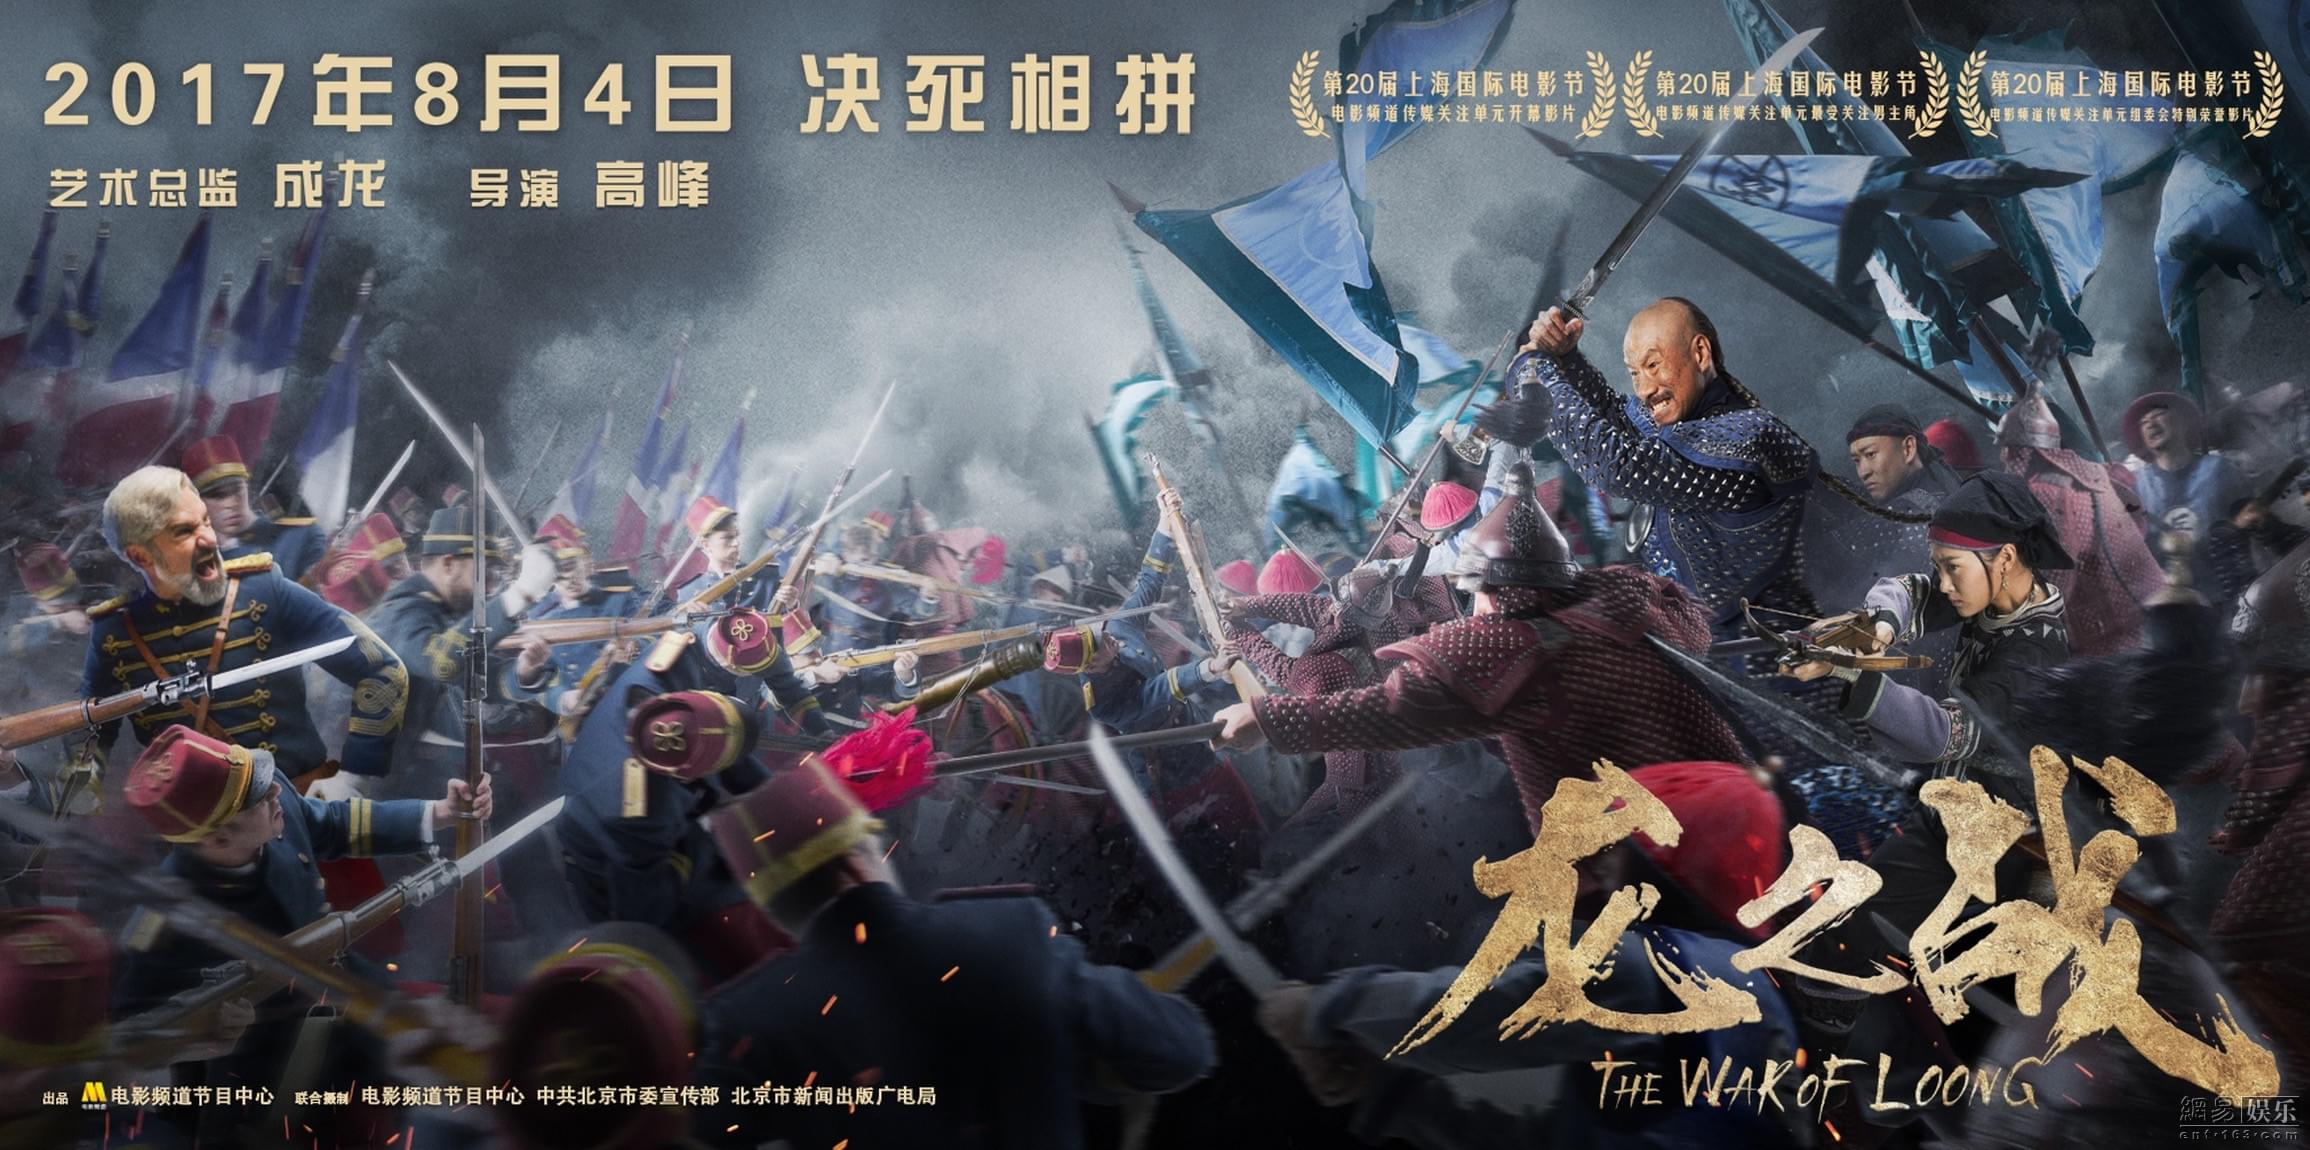 《龙之战》曝海报 成暑期档最受关注战争电影